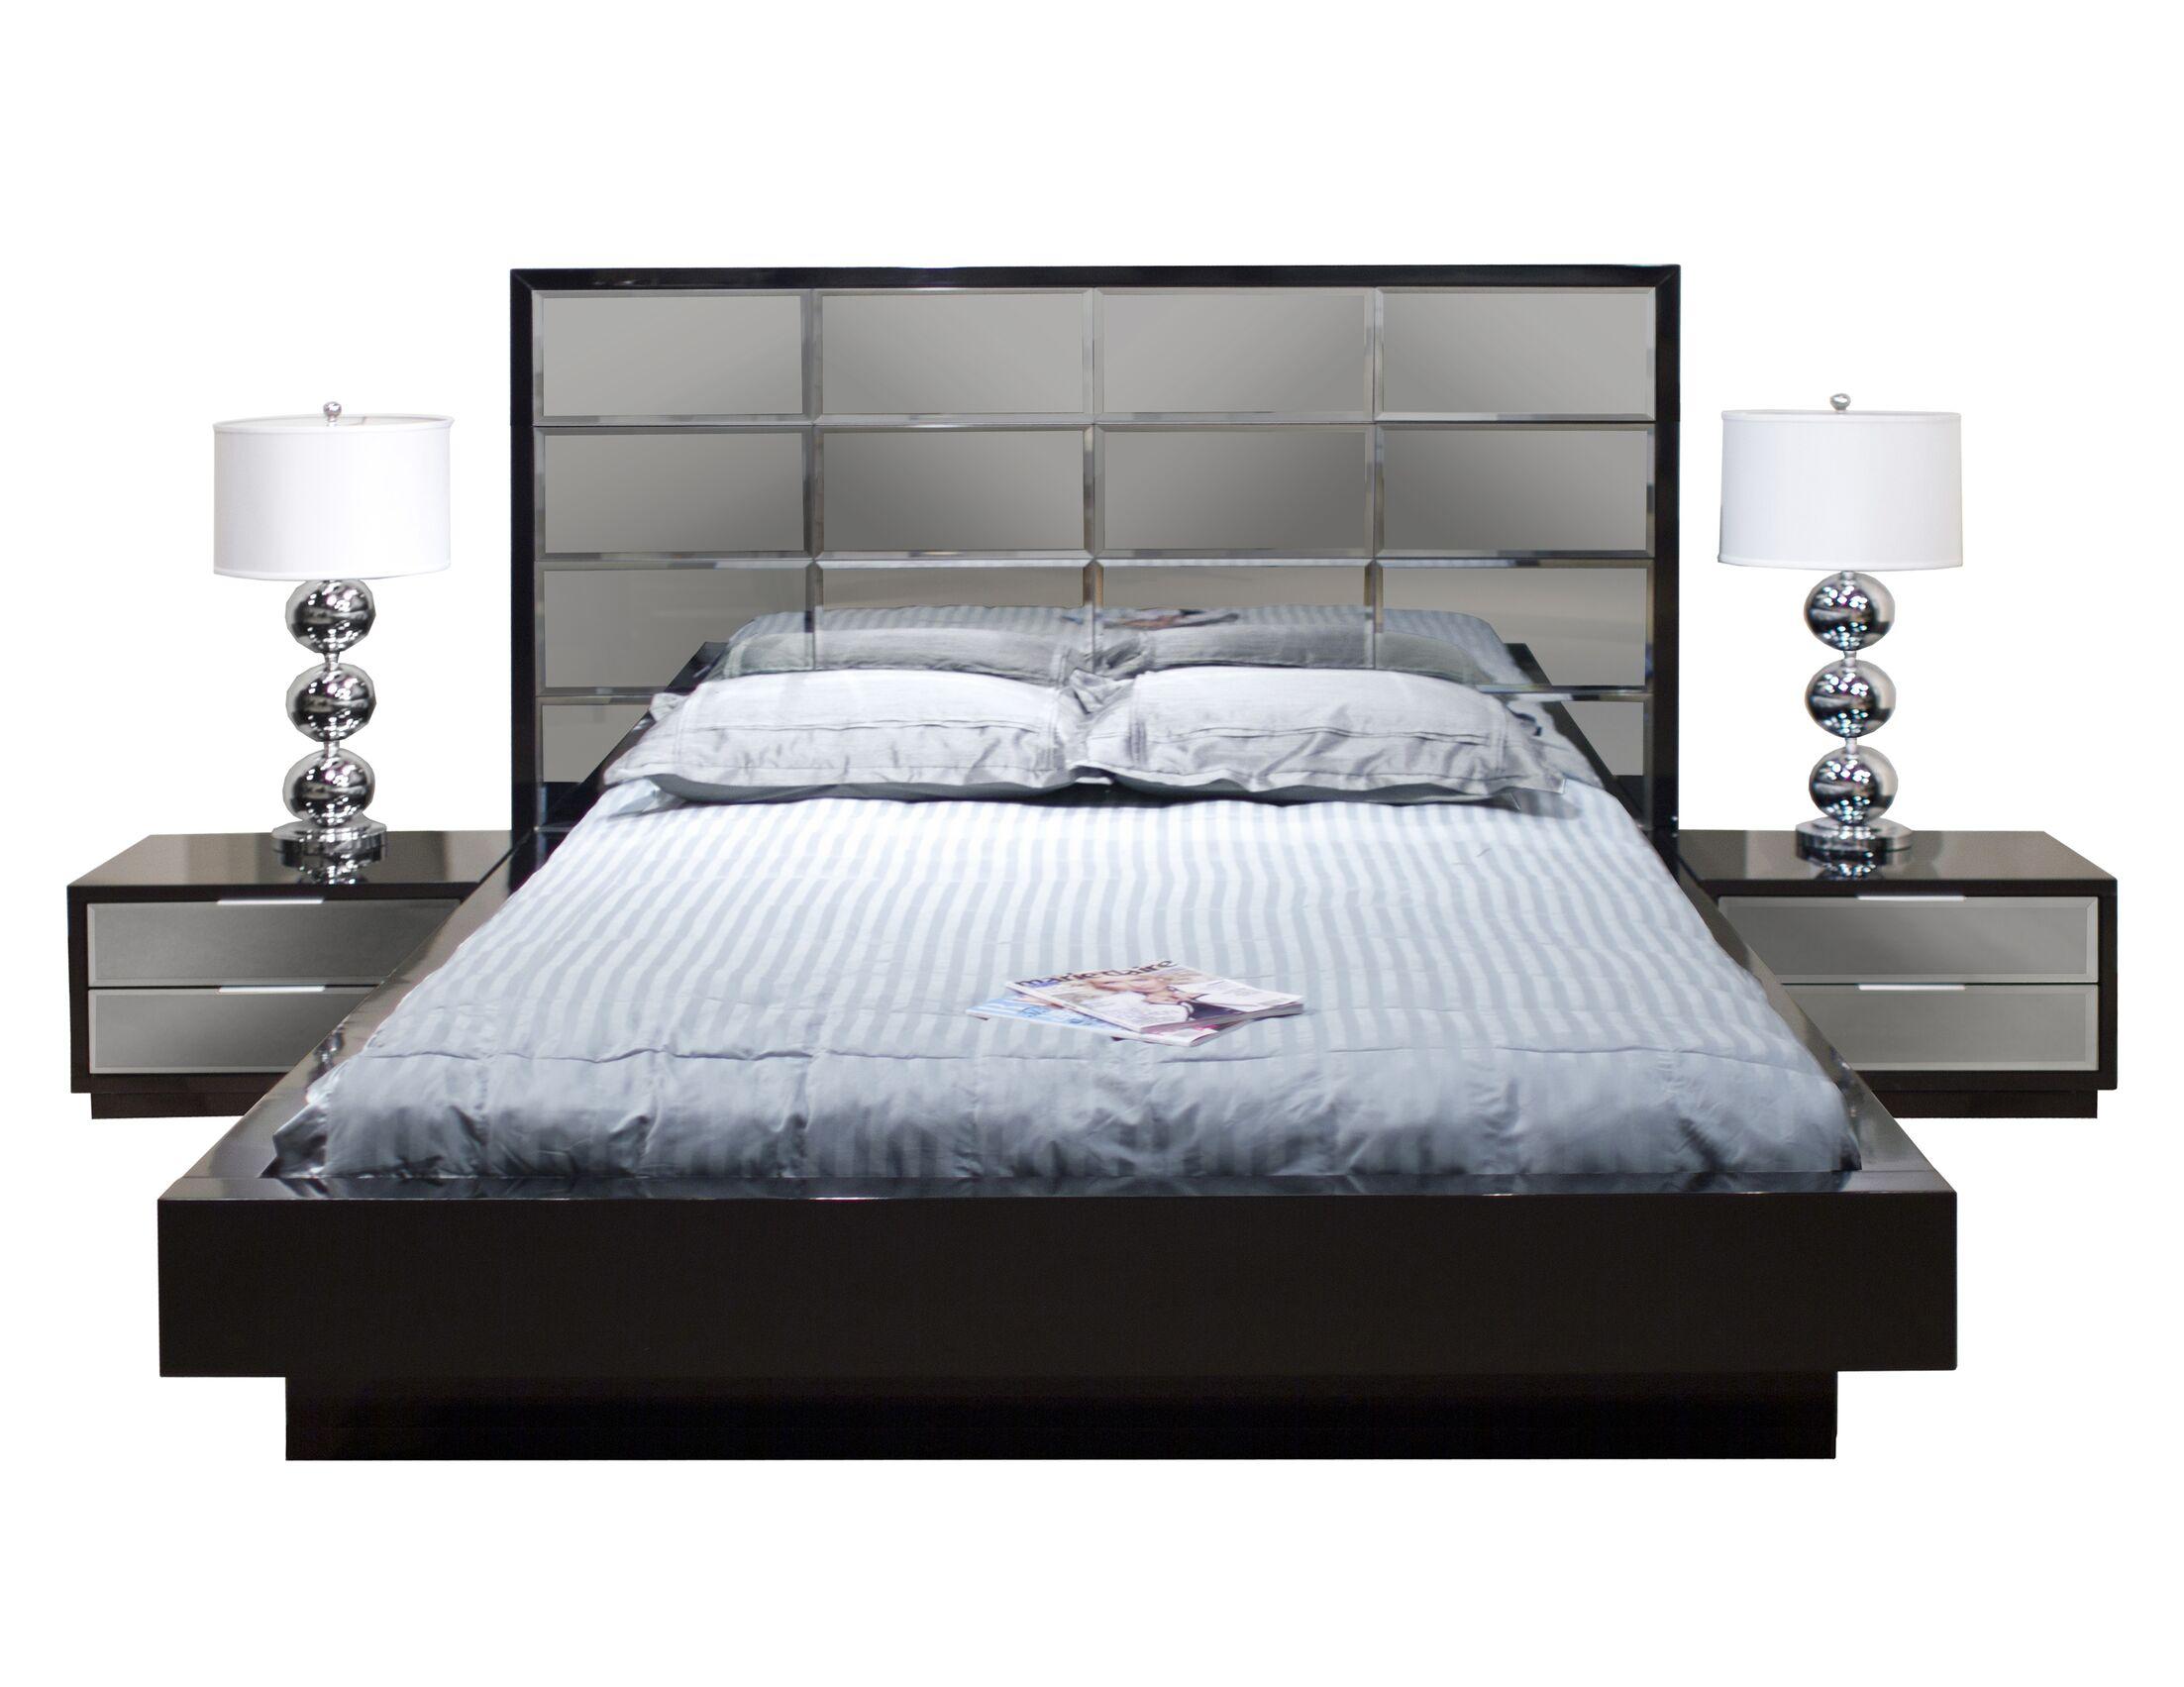 Mera Platform Bed Color: Black, Size: King